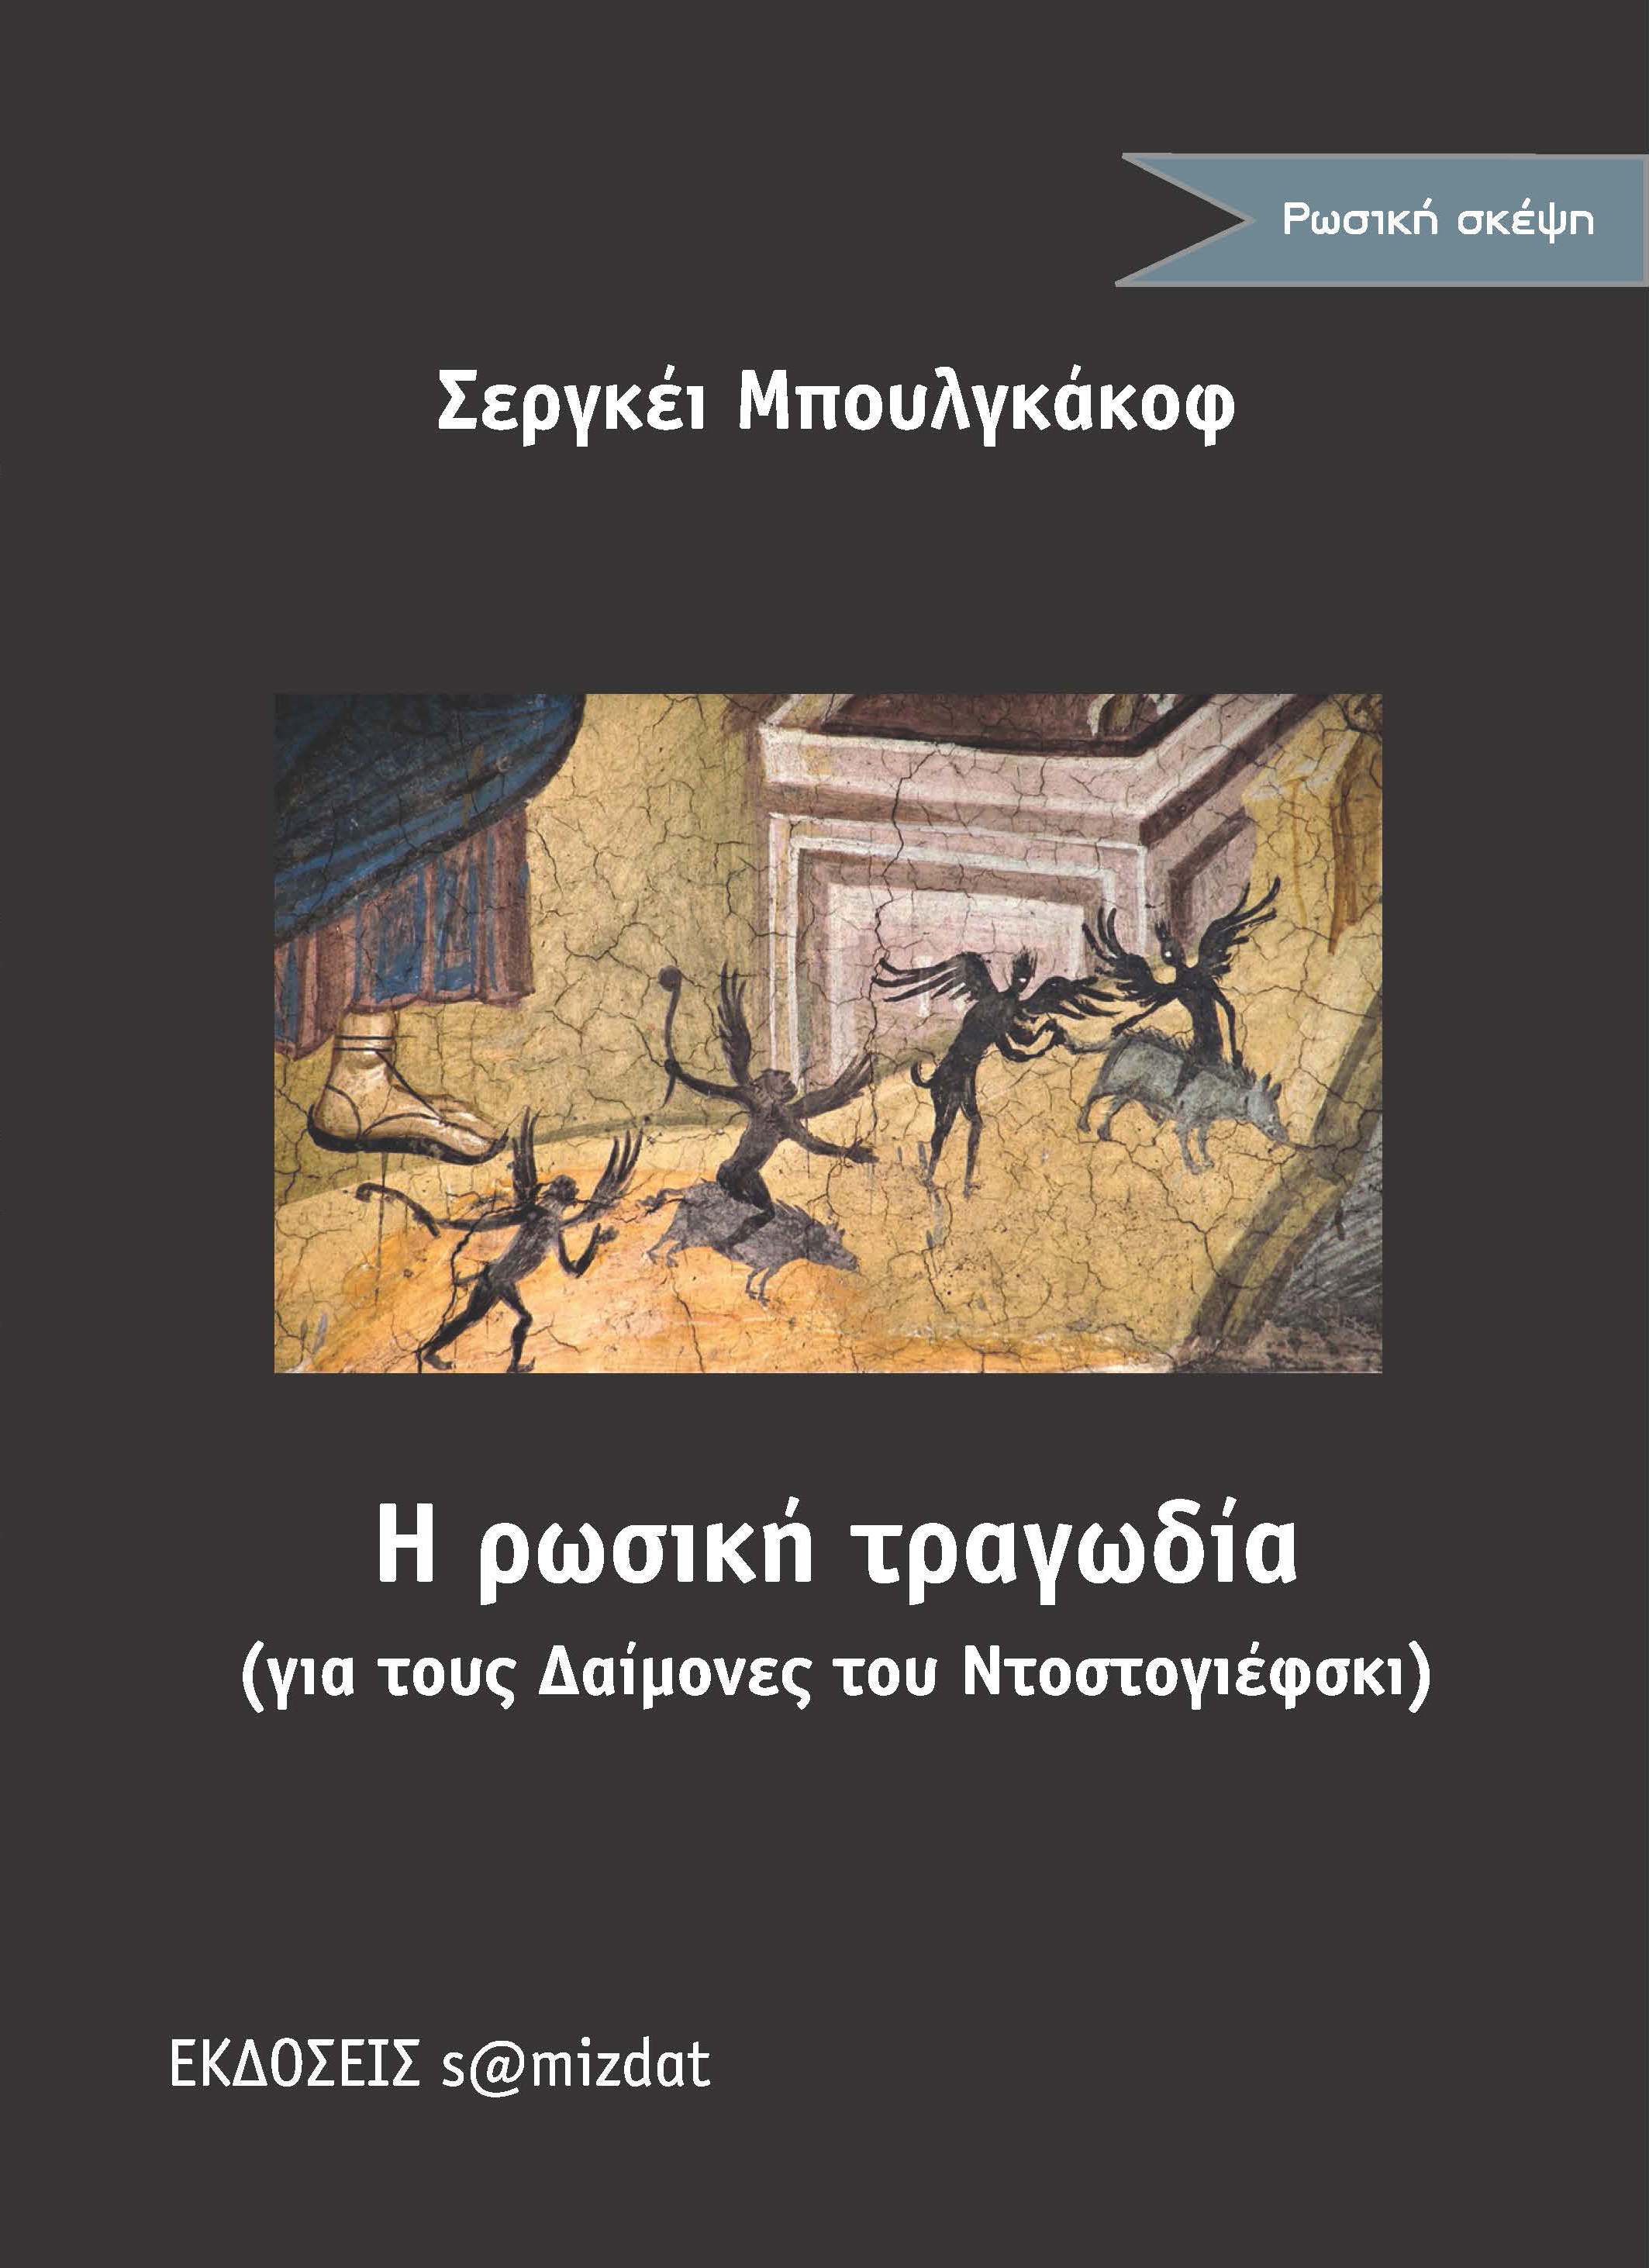 Σεργκέι Μπουλγκάκοφ Η ρωσική τραγωδία (για τους Δαίμονες του Ντοστογιέφσκι)